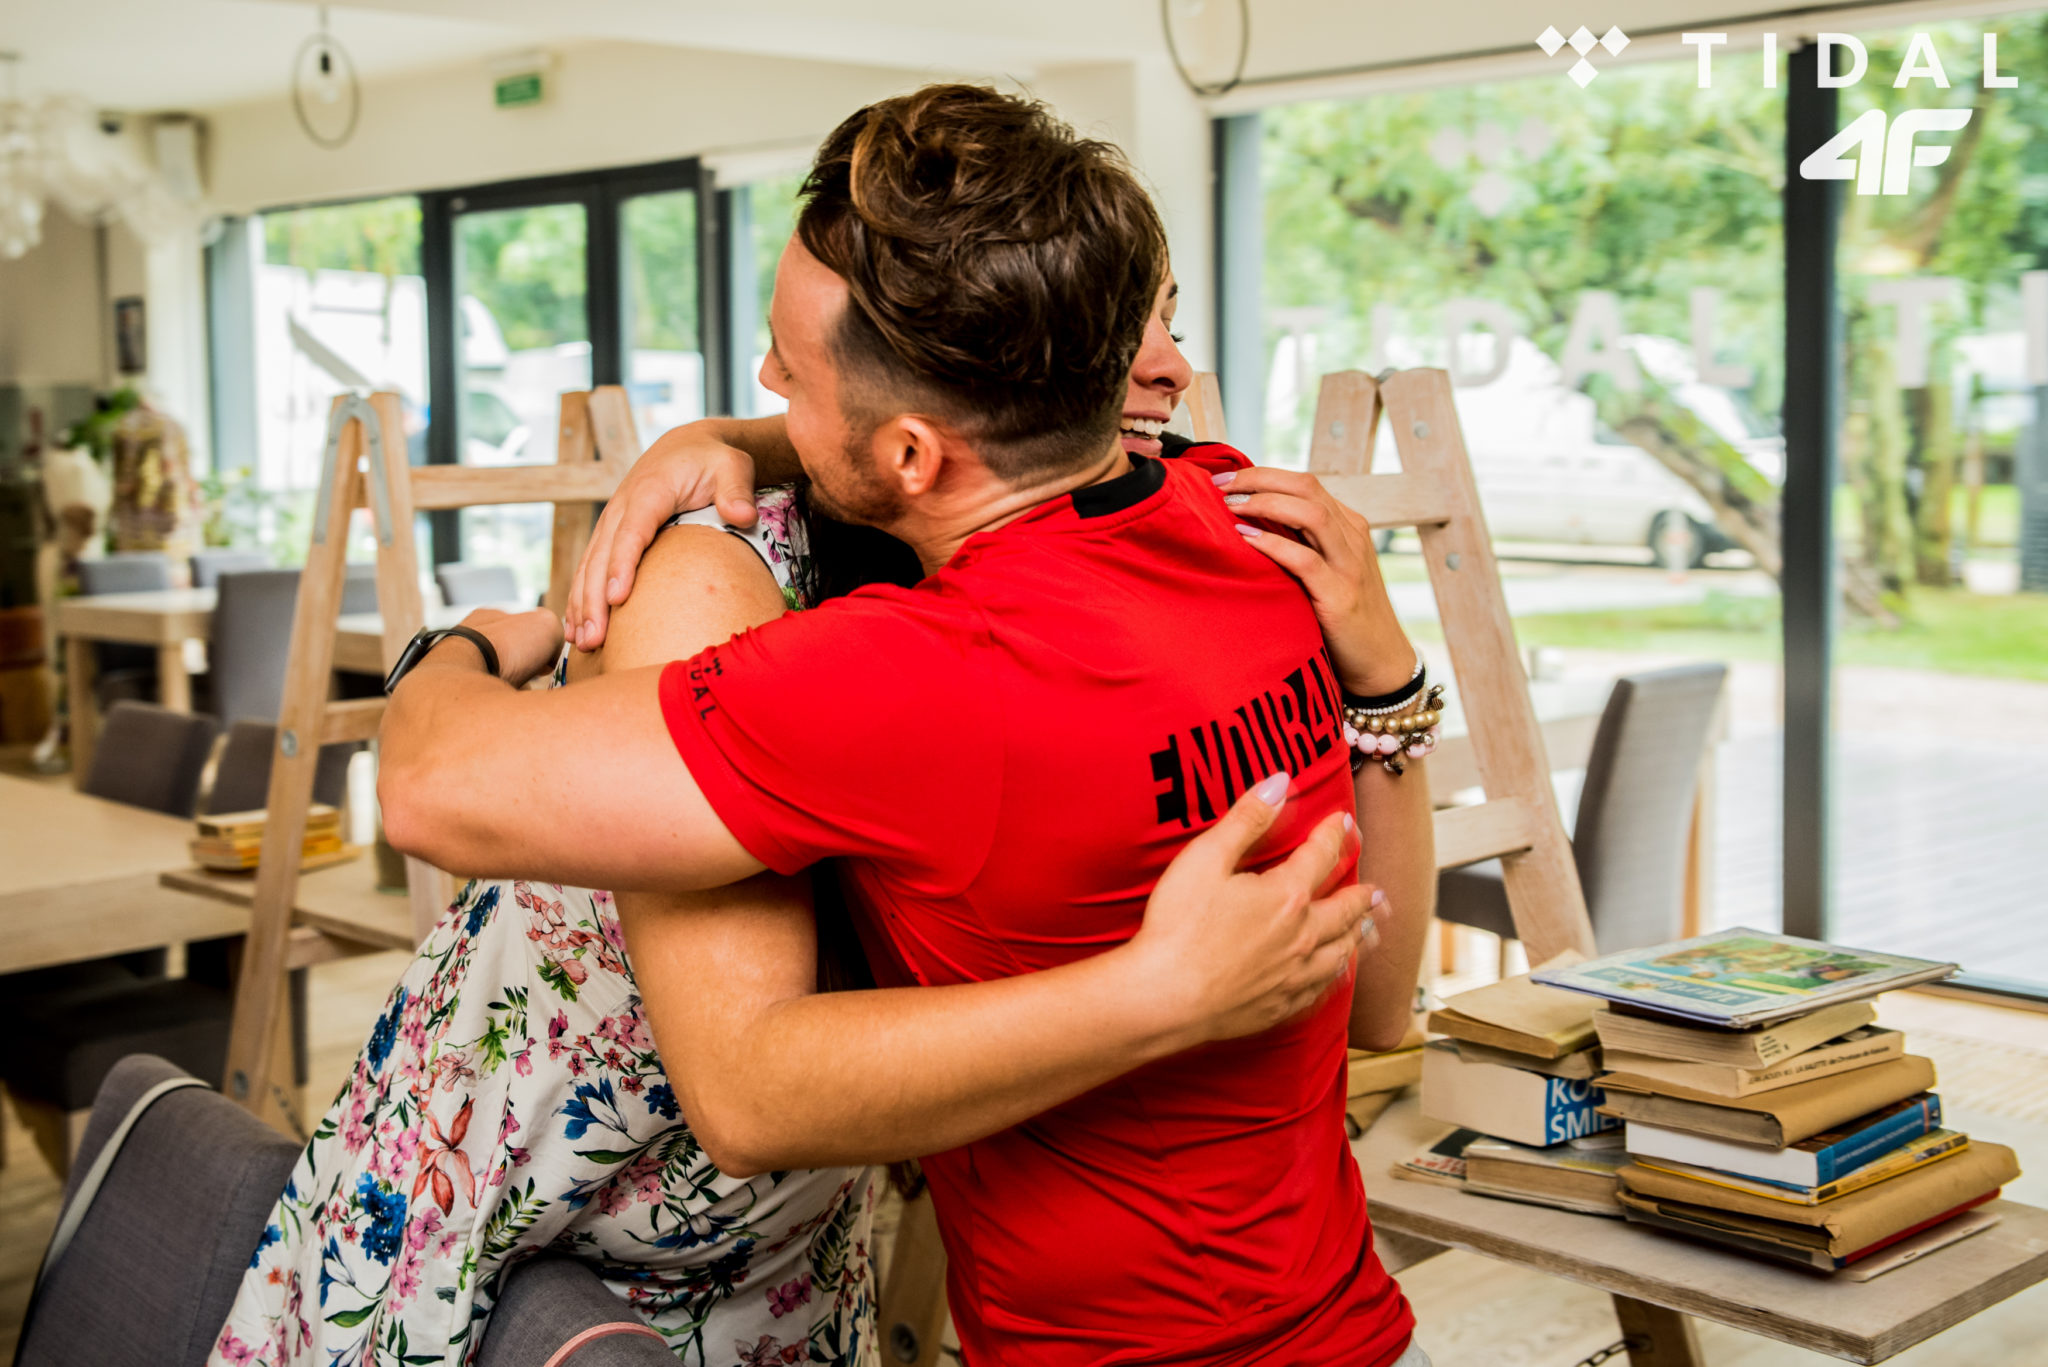 Mężczyzna w czerwonej koszulce przytuląjacy kobietę